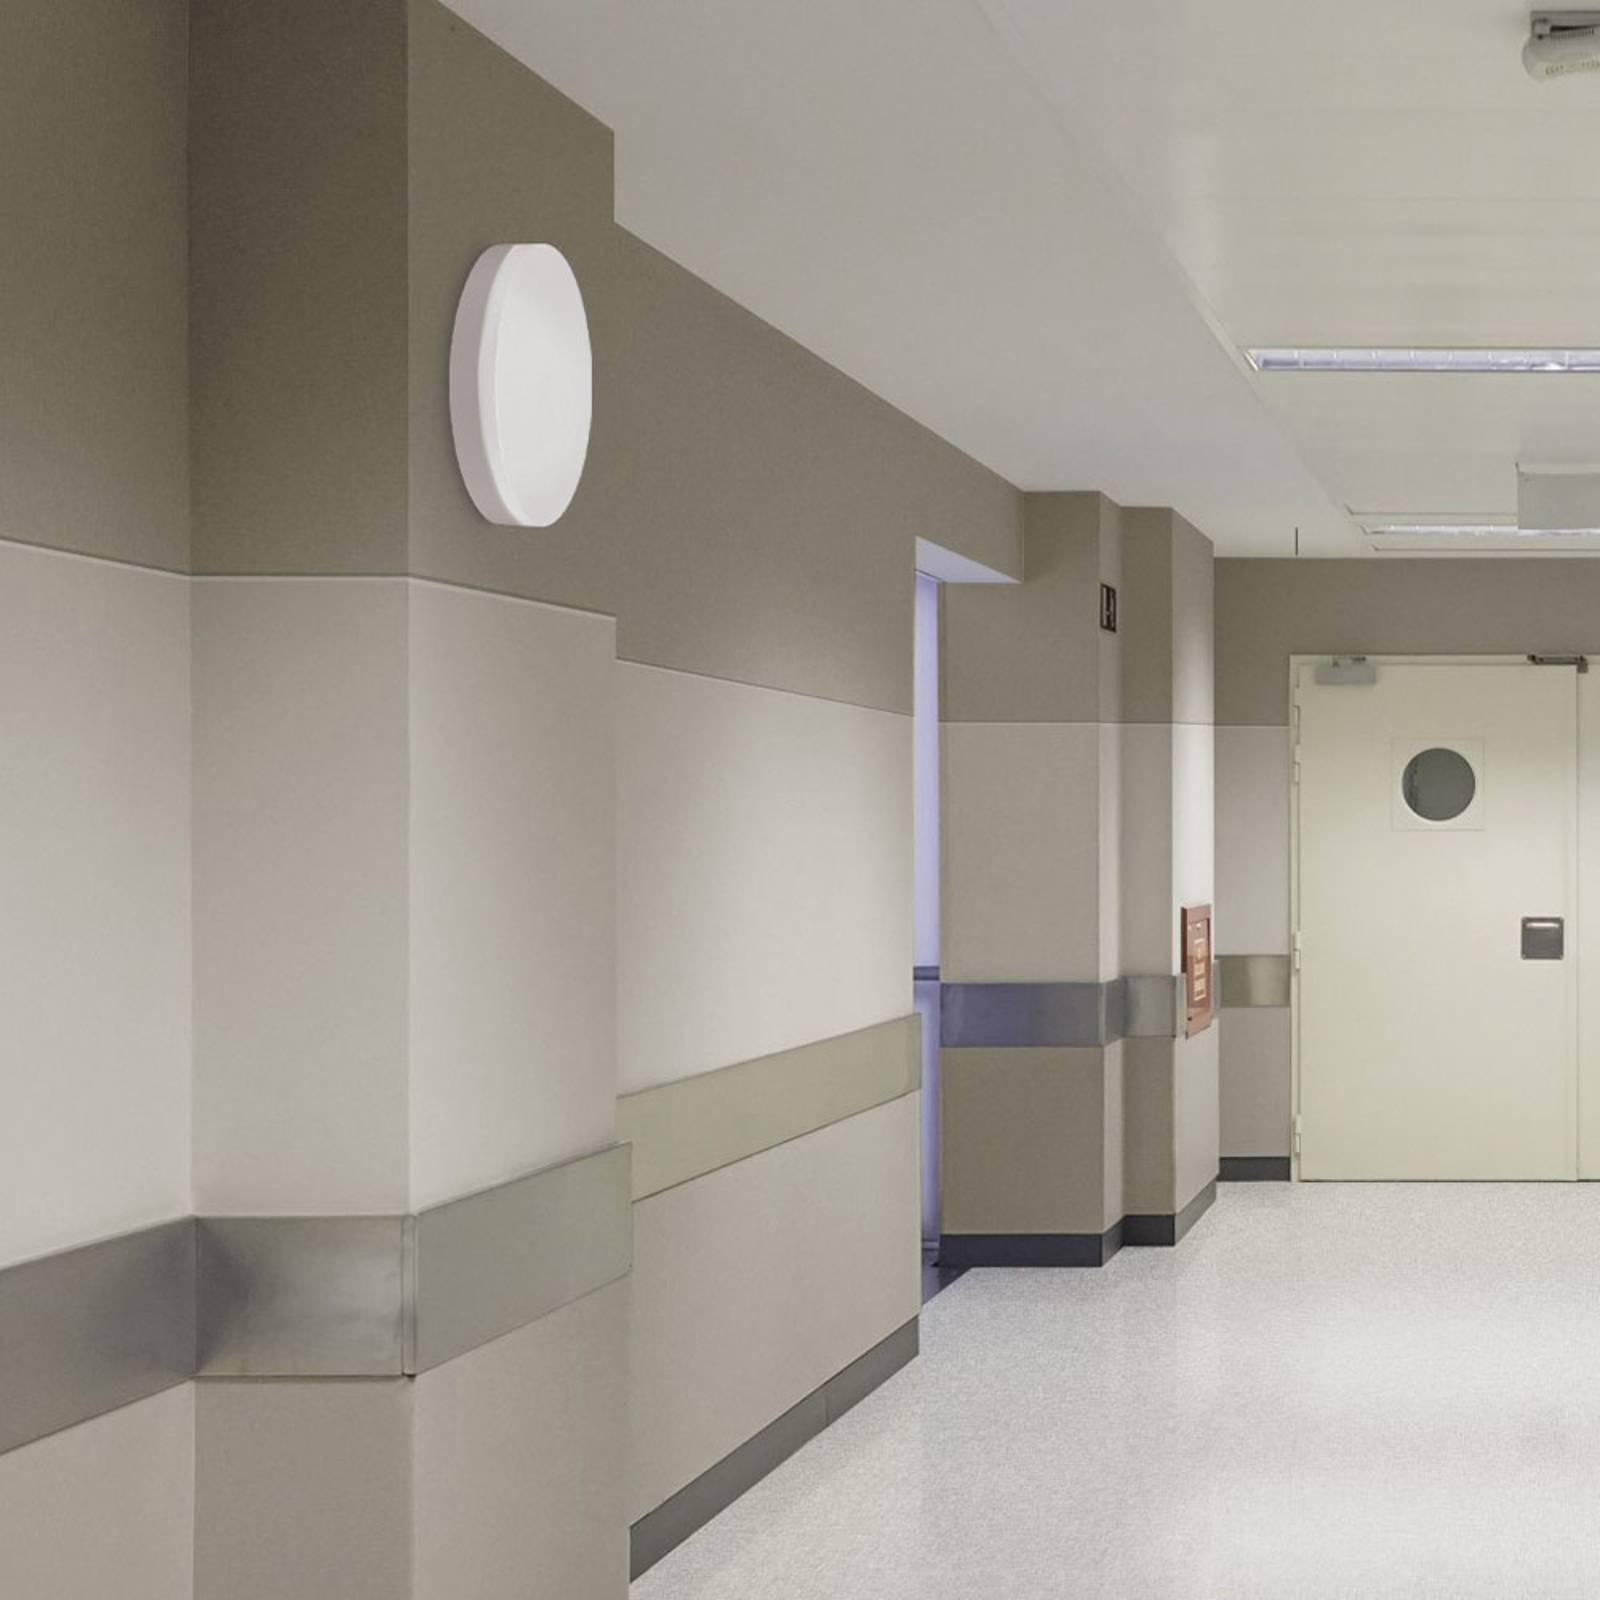 Kylpyhuoneen LED-kattolamppu Madison tunnistimella